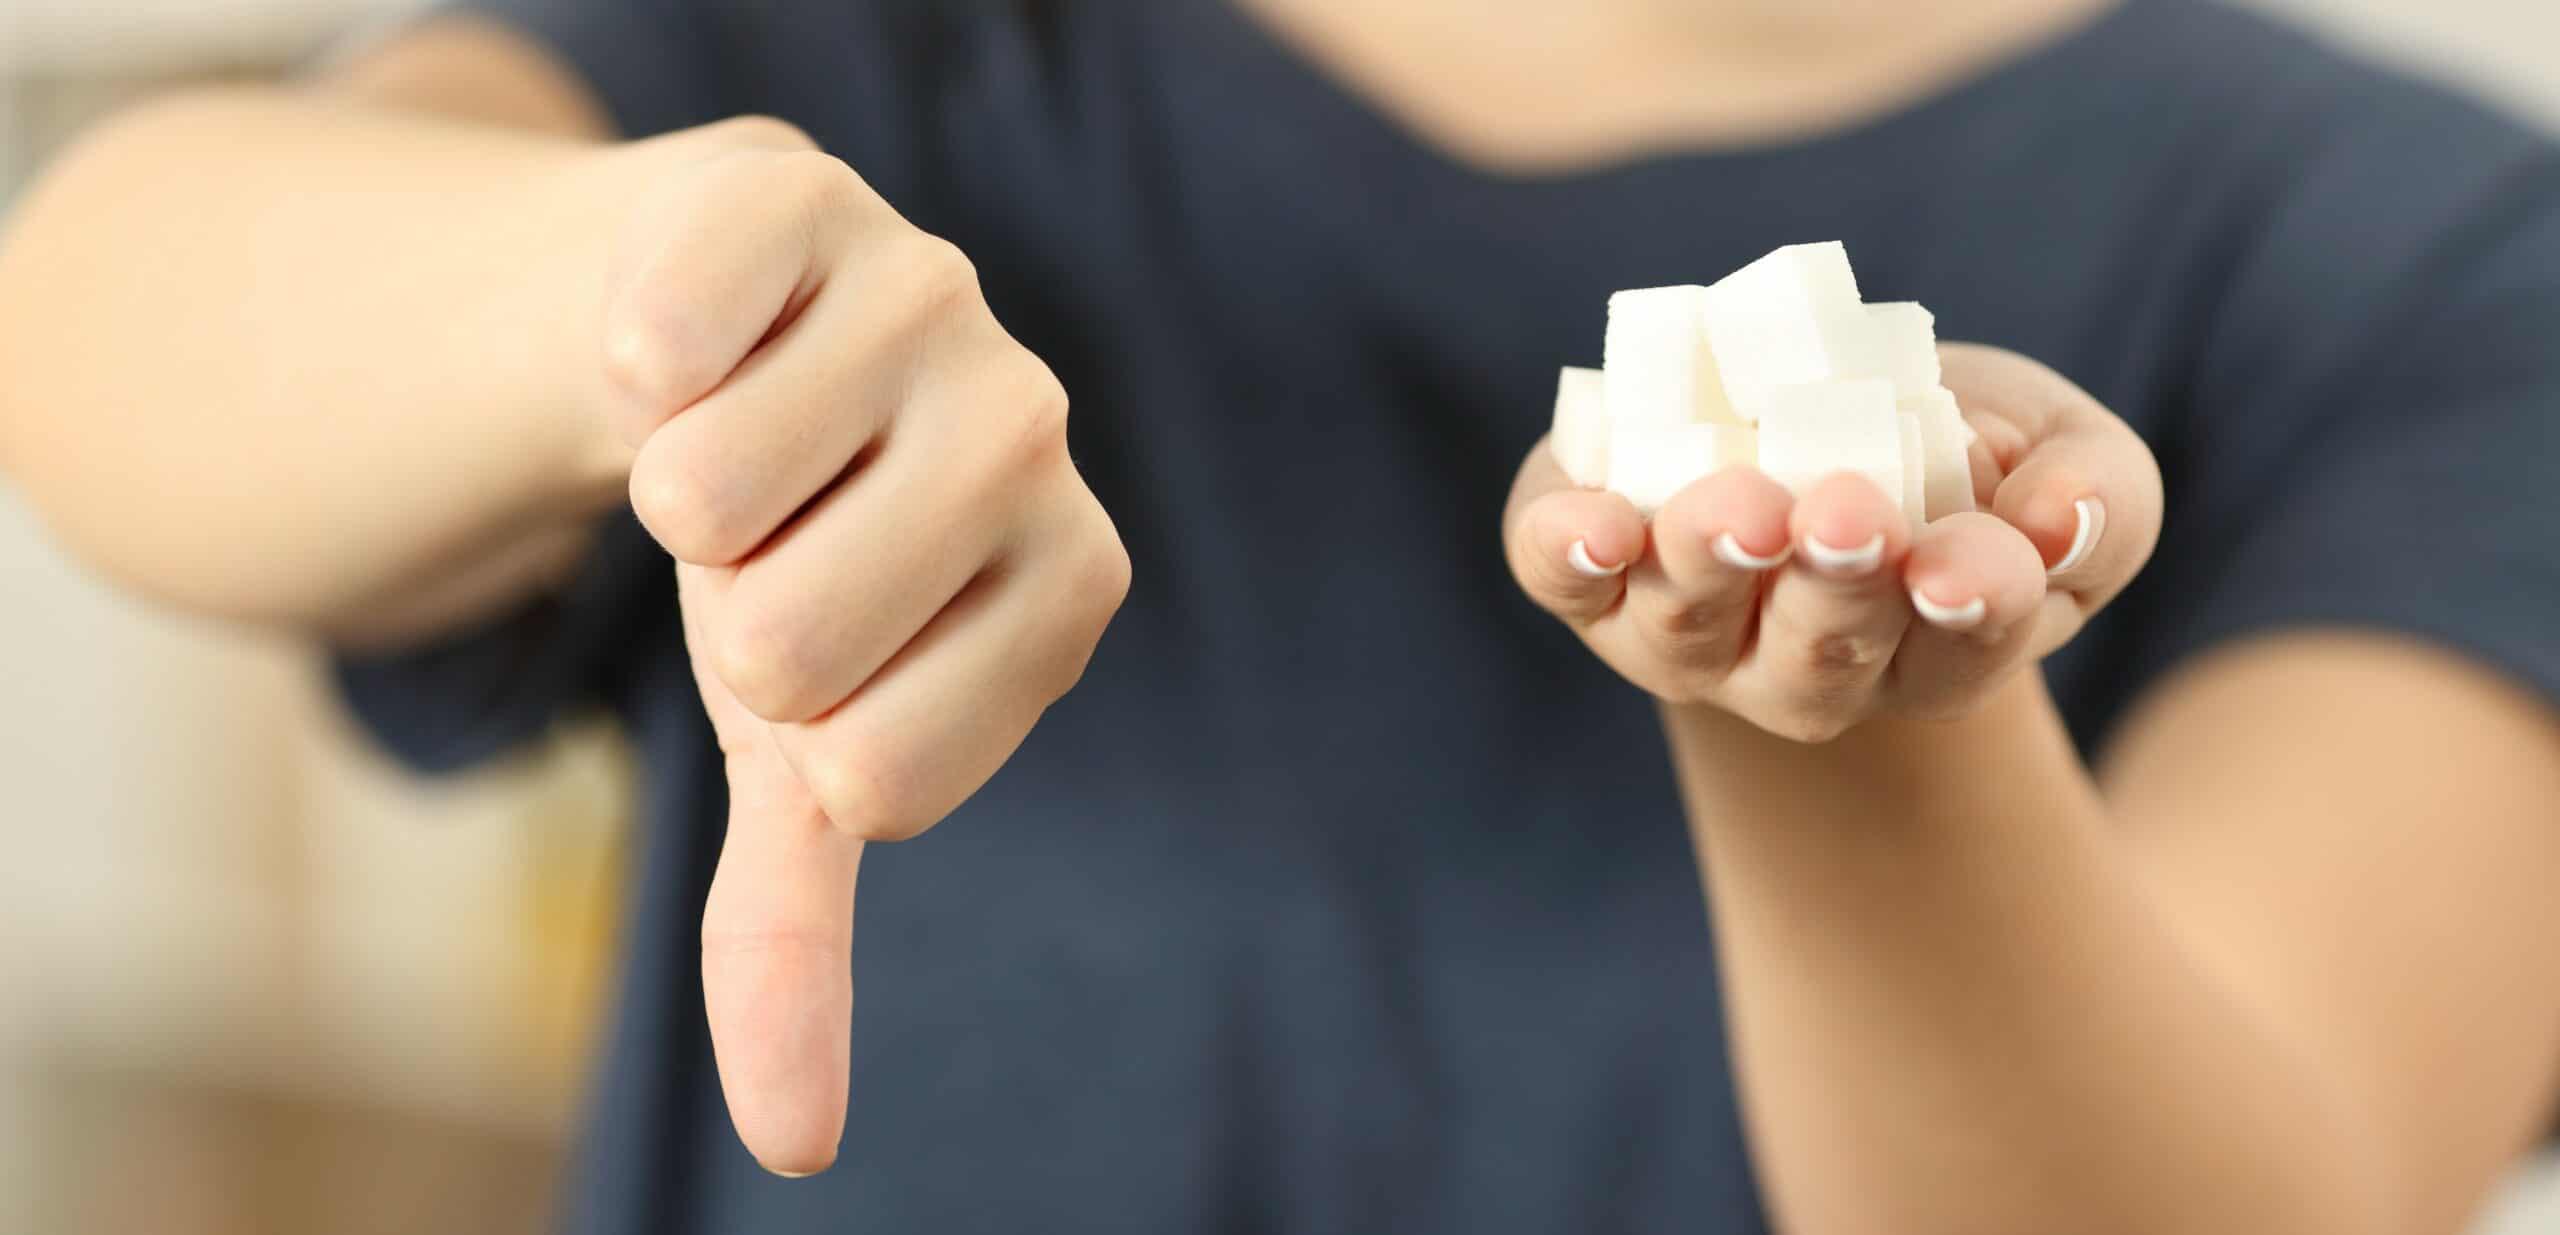 zuccheri nella dieta fanno male